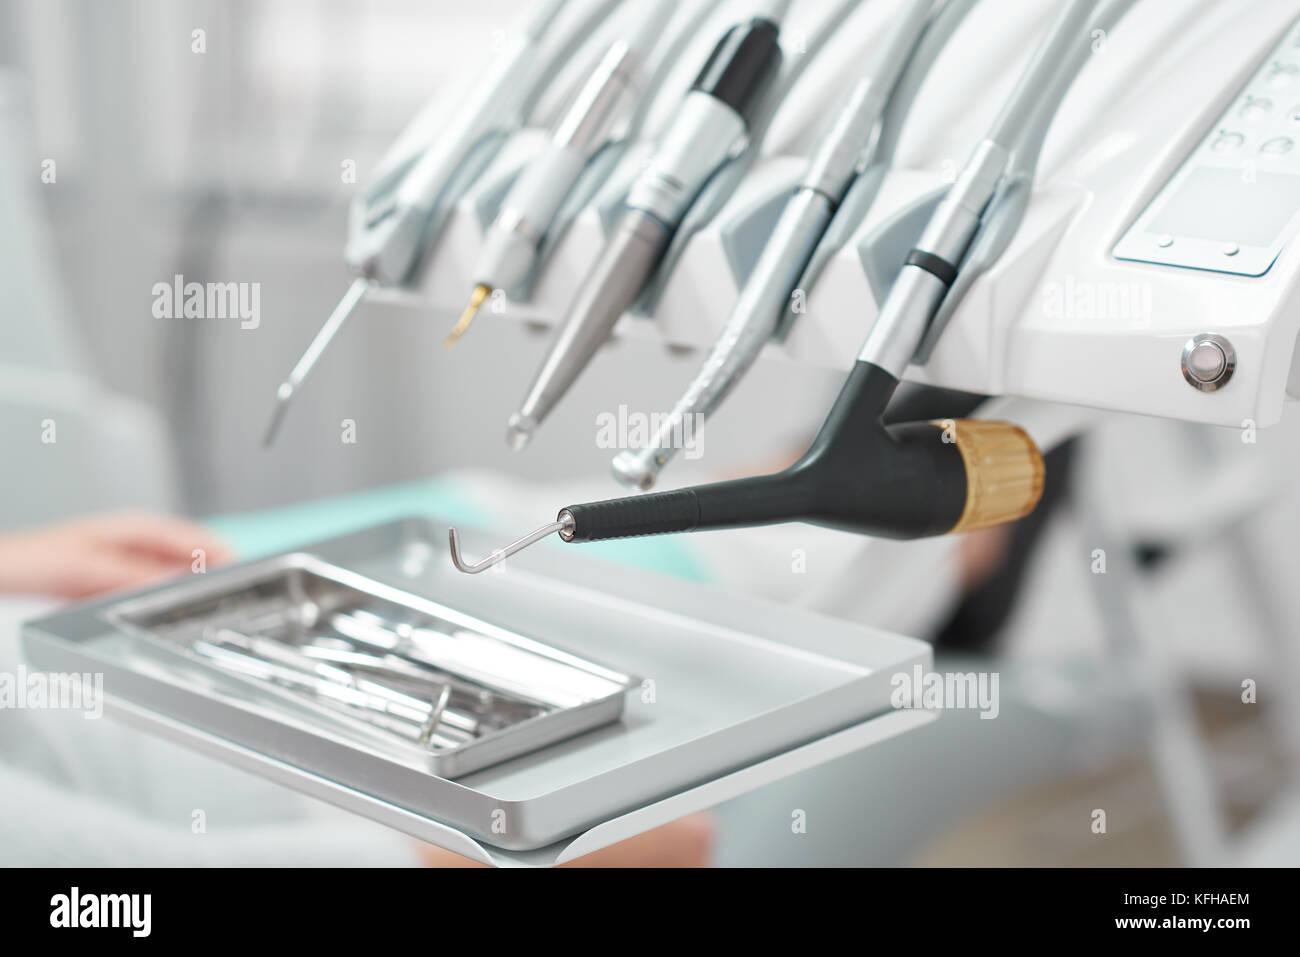 Medical tools at dental clinic - Stock Image